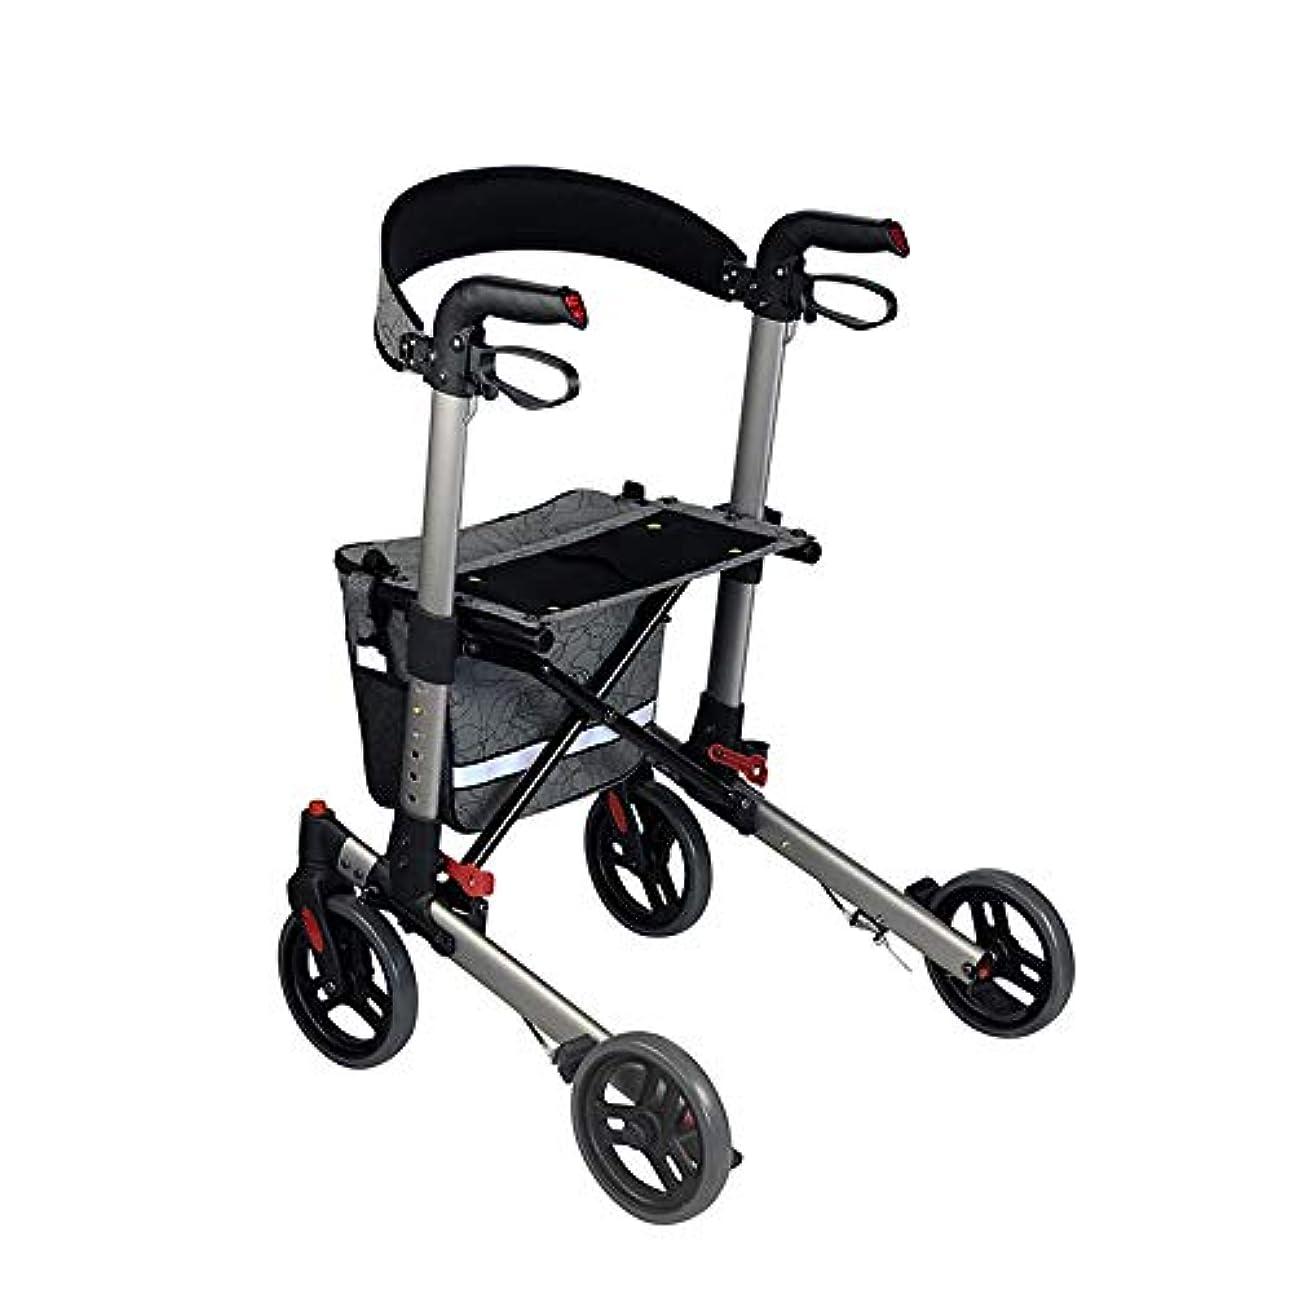 準備ができて鰐明るい軽量折りたたみ式4輪歩行歩行器、老人歩行カートショッピングカート多機能レジャー折りたたみショッピングカート